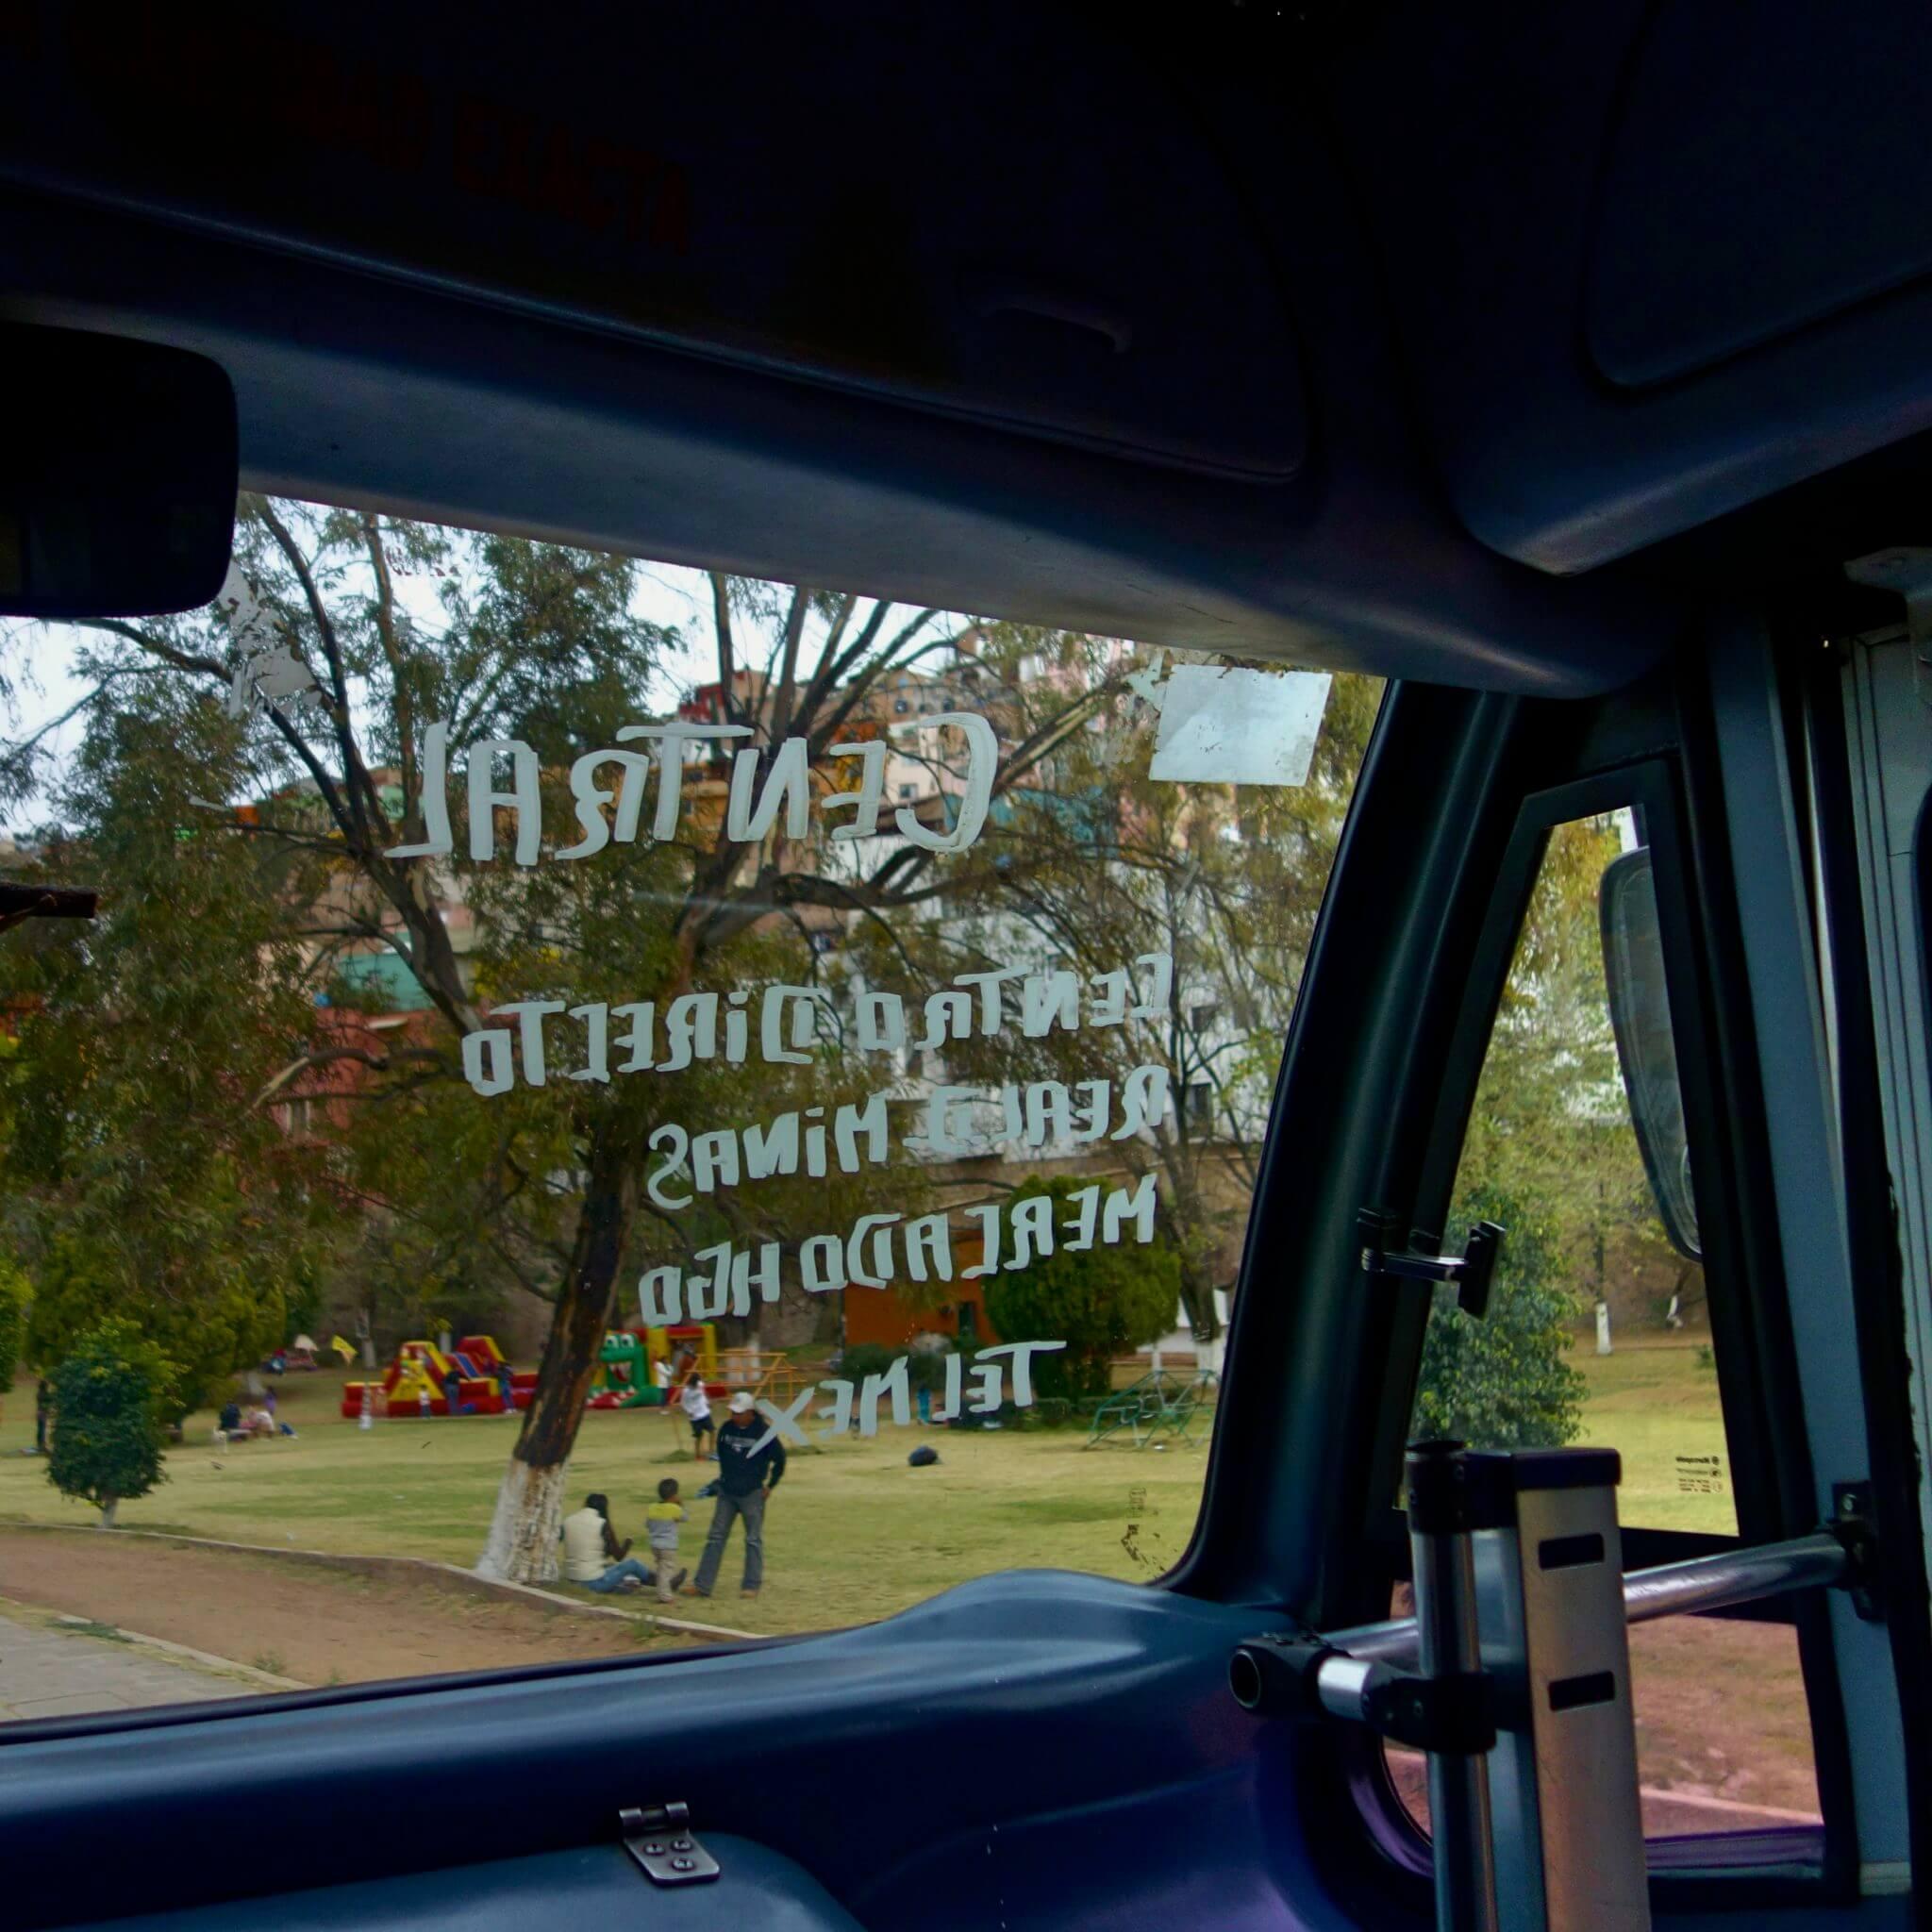 僕が実際に乗ったバスのガラス窓